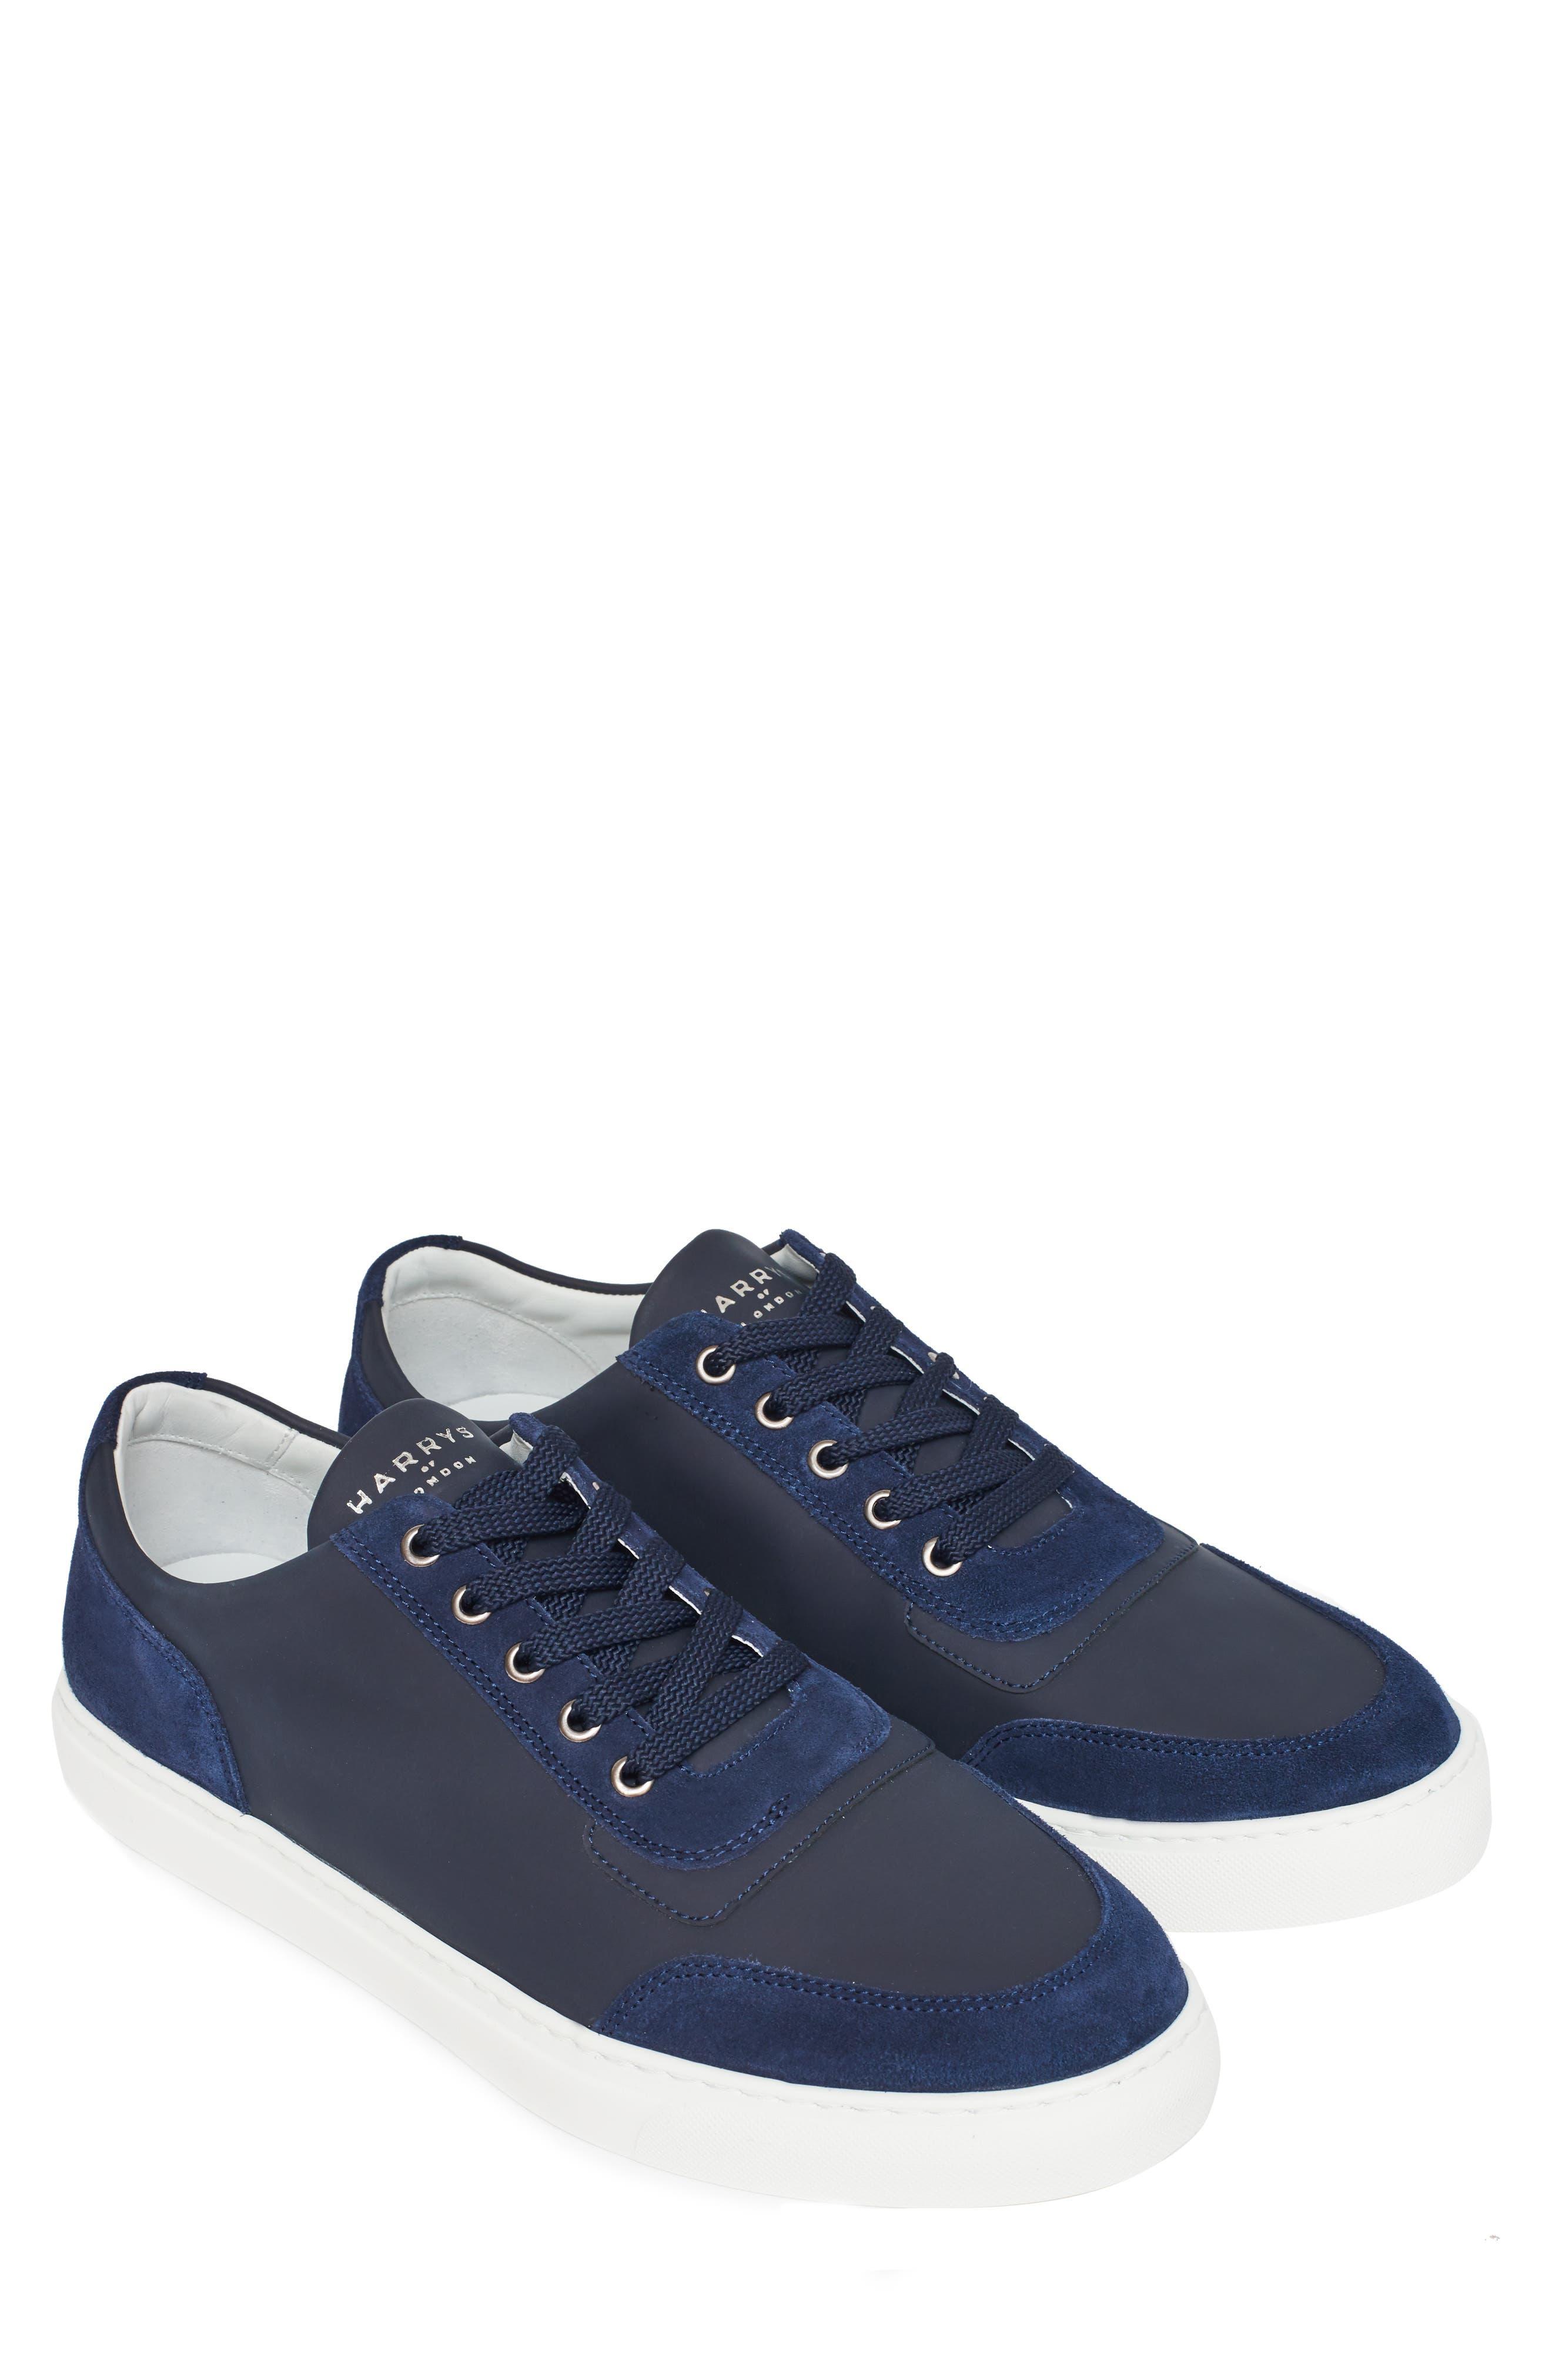 Harrys of London Nimble Tech Sneaker